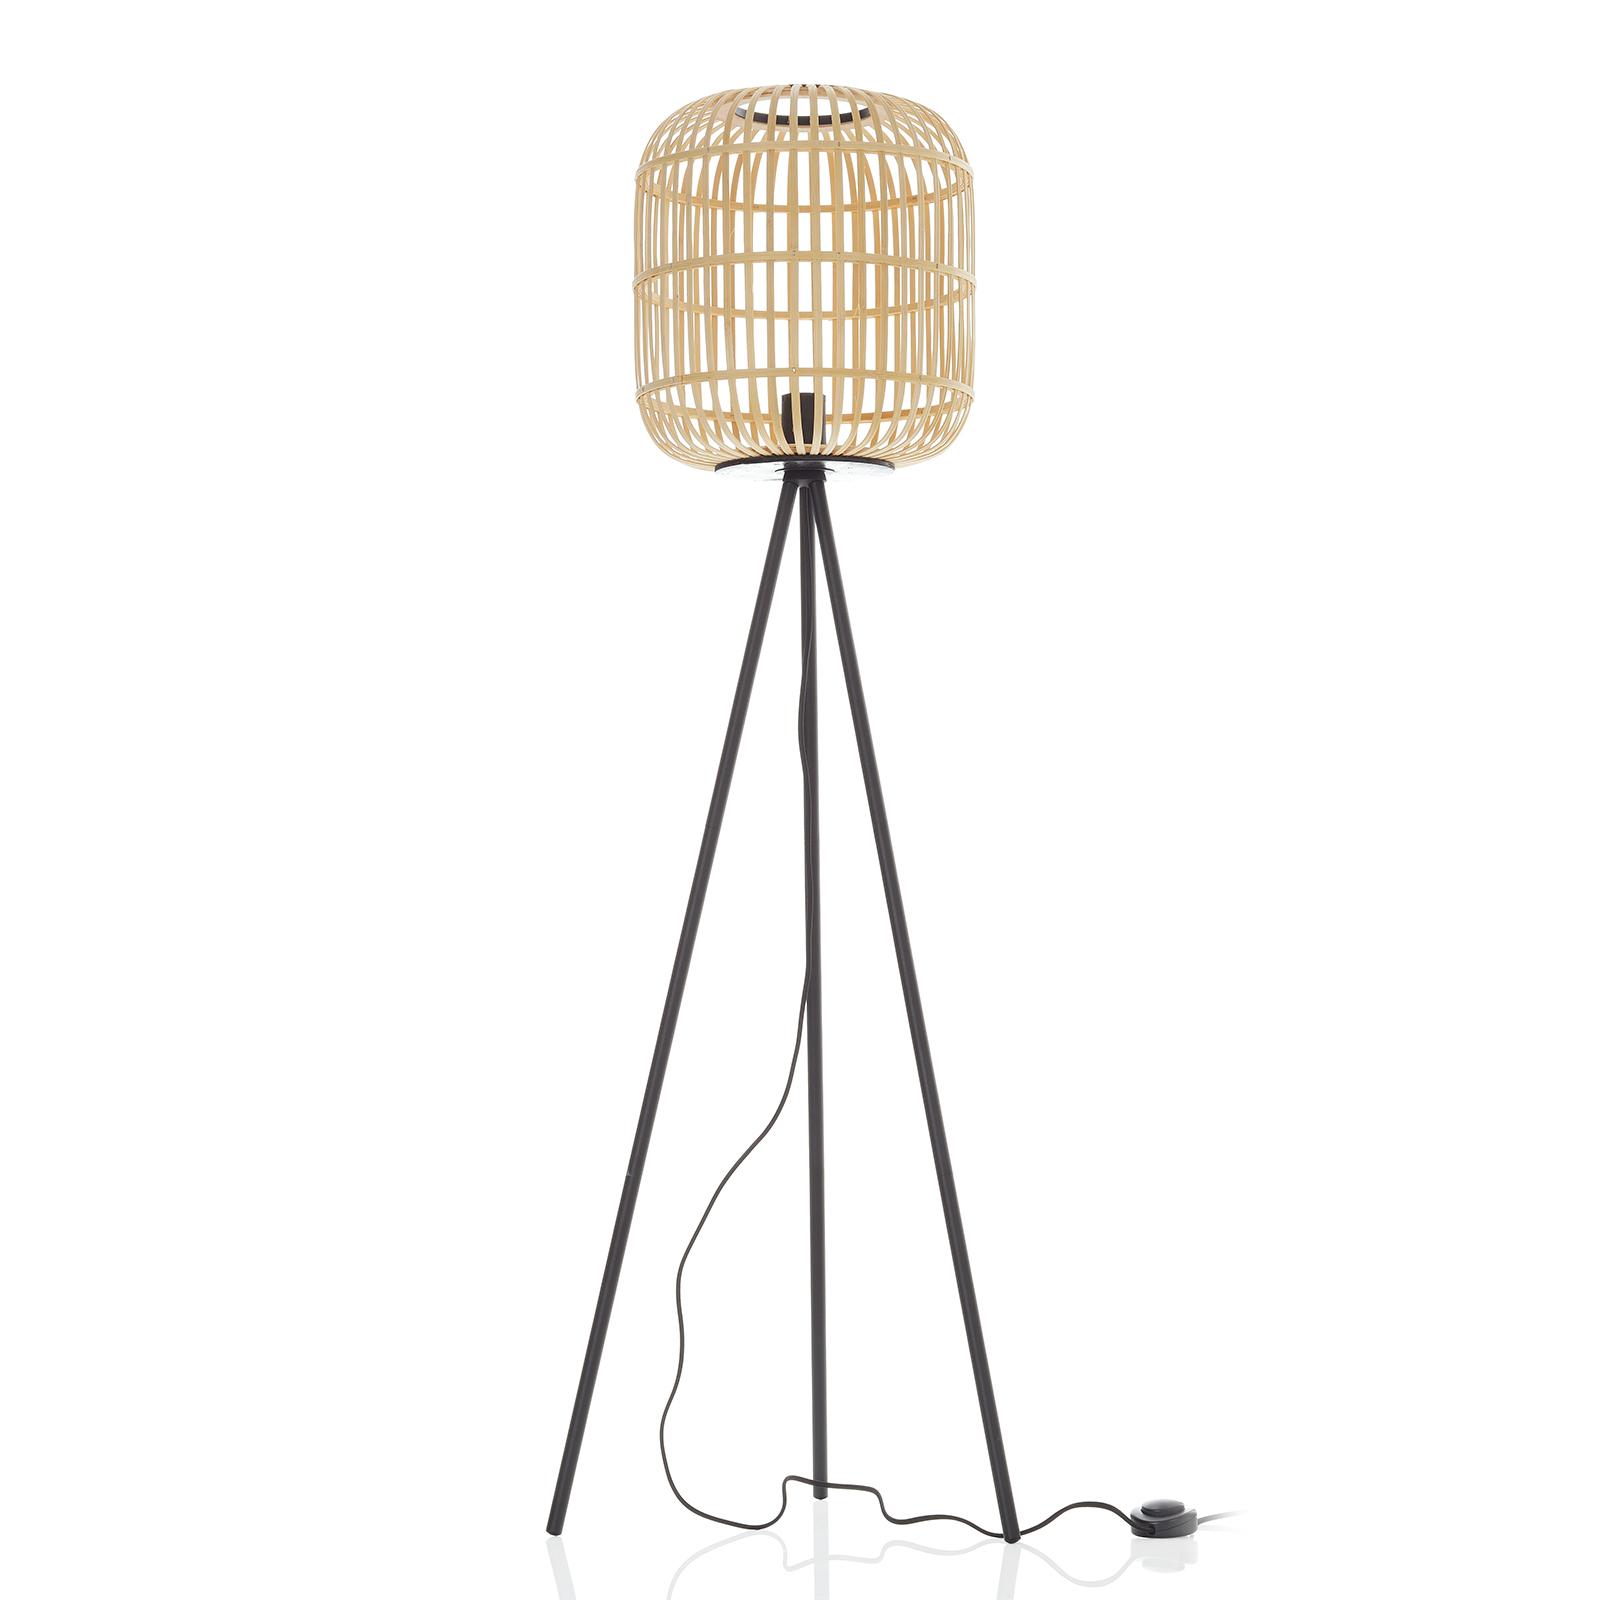 Vloerlamp Bordesley driebeen met houten kap